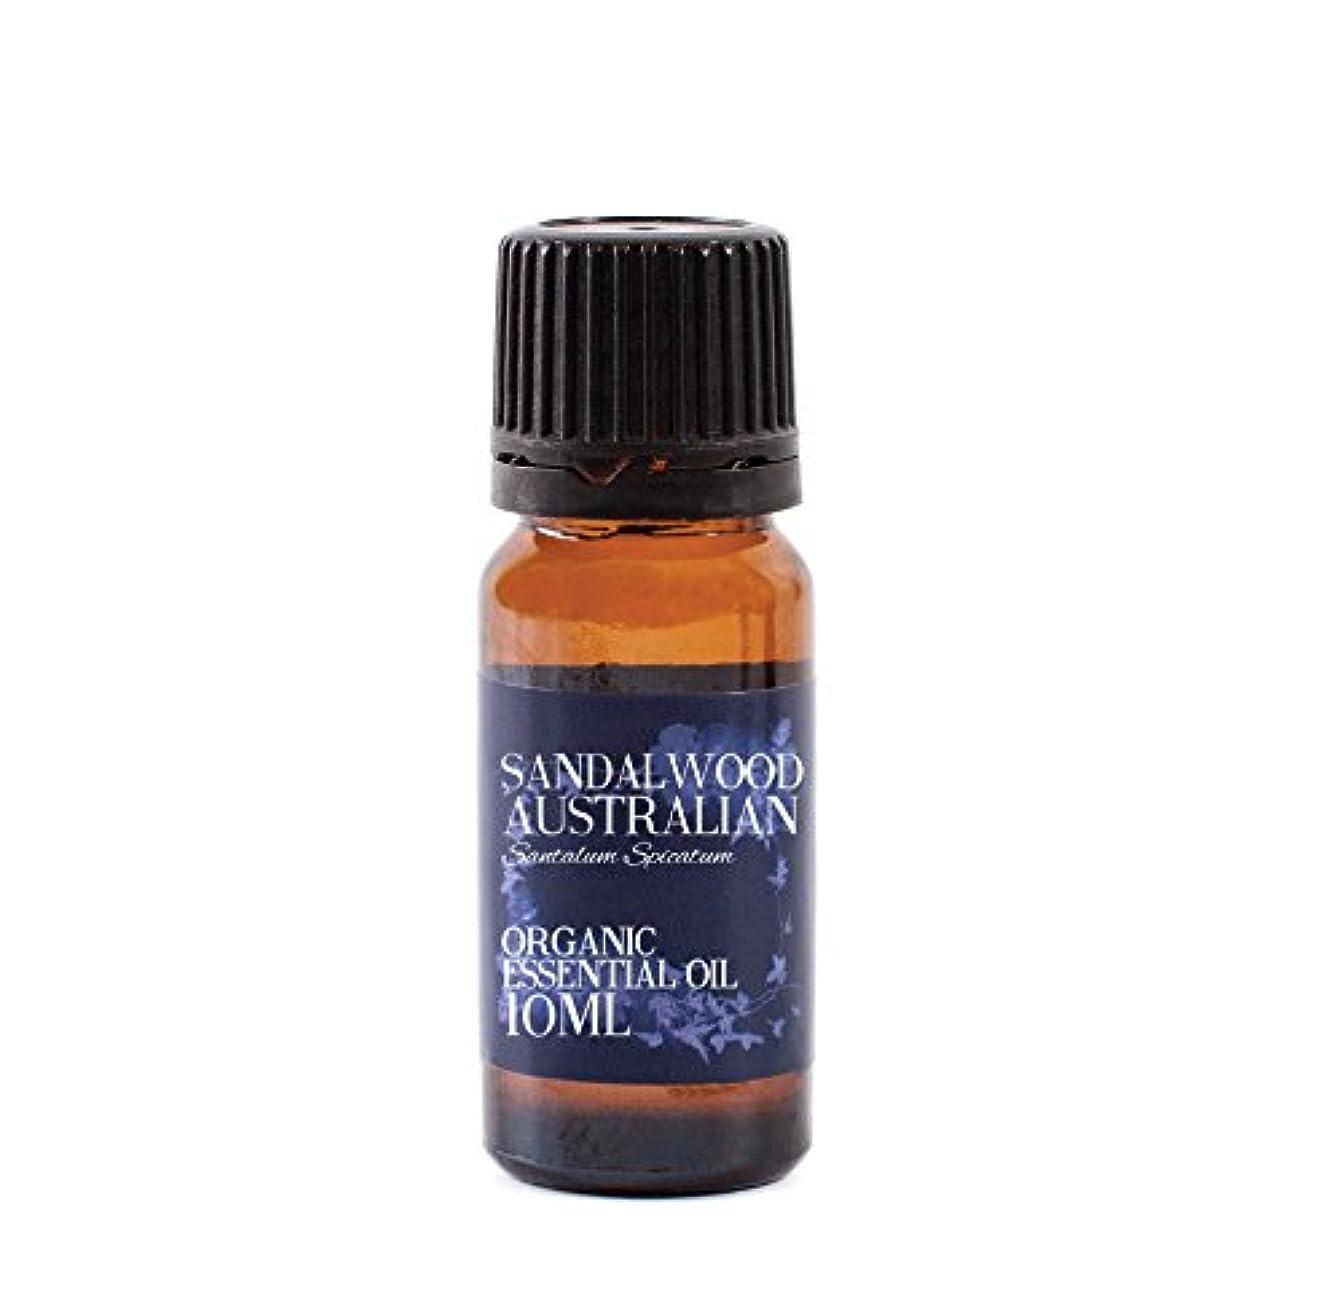 破滅的な引退した呪われたMystic Moments | Sandalwood Australian Organic Essential Oil - 10ml - 100% Pure